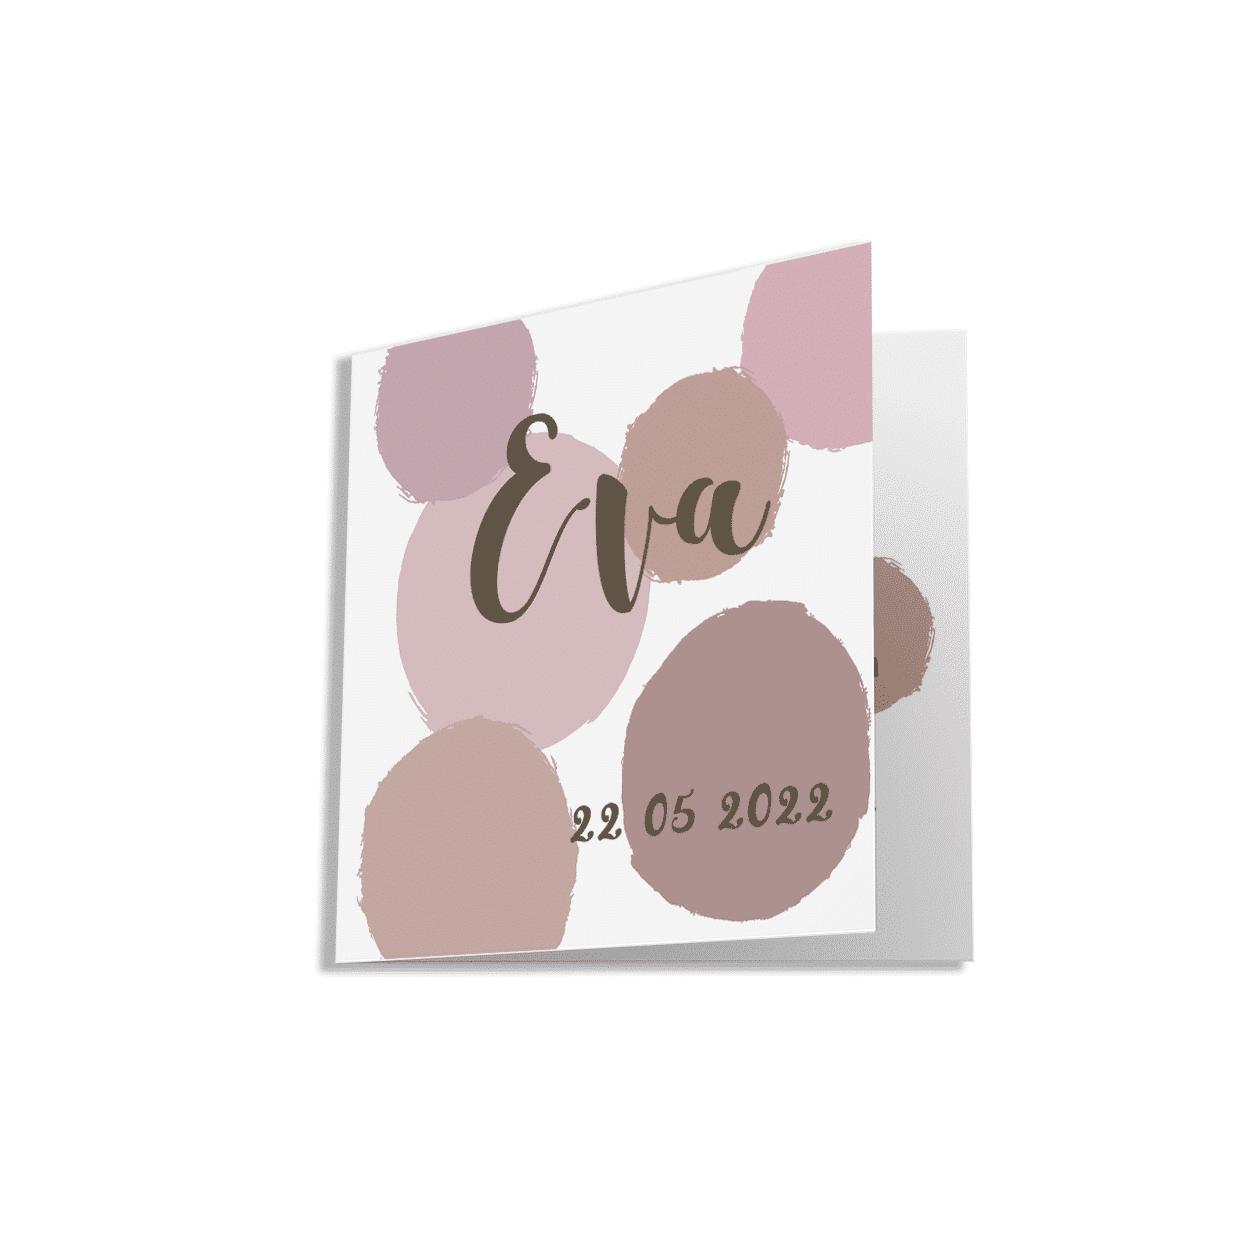 Hip geboortekaartje voor een meisje met verf stippen in verschillende roze tinten.